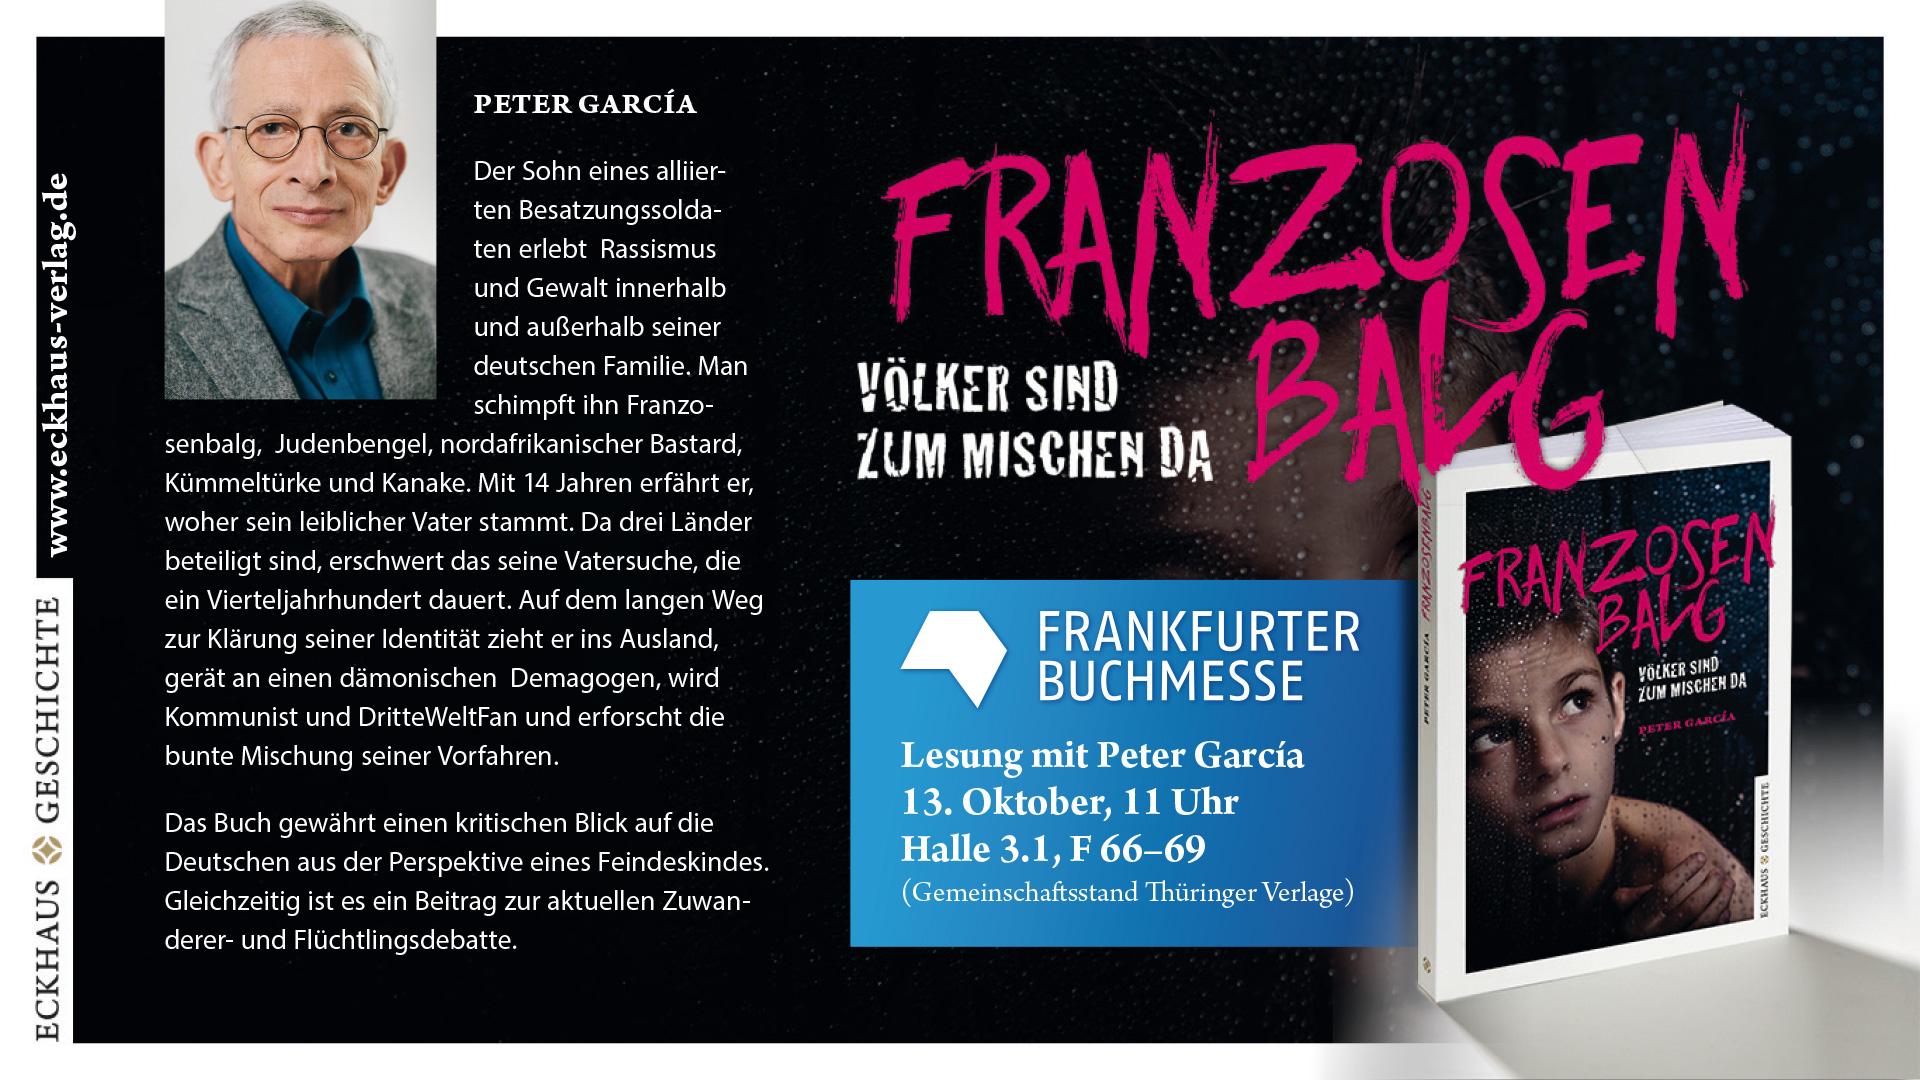 """Grafik """"Franzosenbalg"""" bei der Frankfurter Buchmesse"""